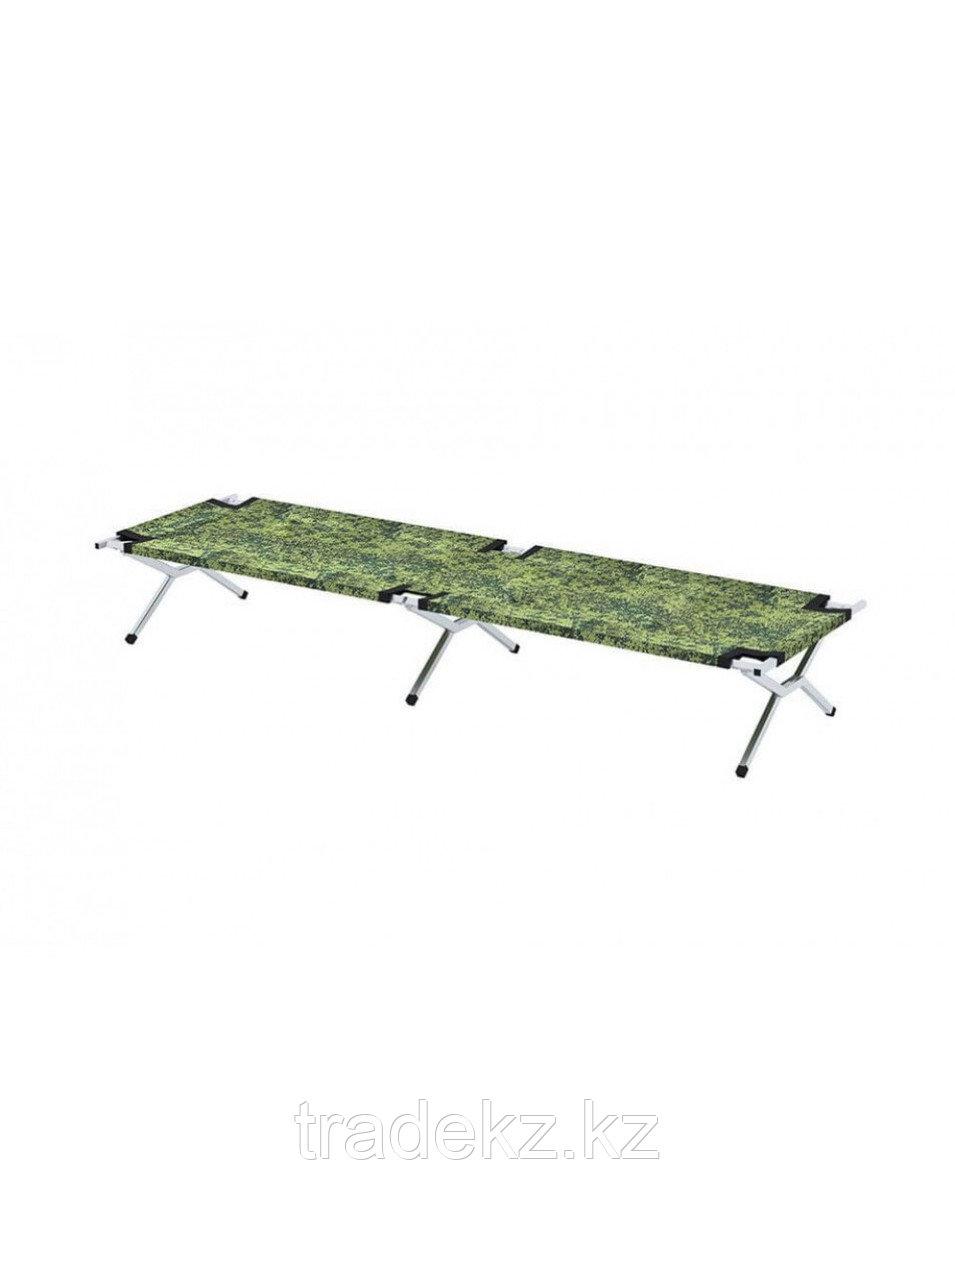 Раскладушка кемпинговая, кровать туристическая Берег 2.0 (размер 200х80х49 см)